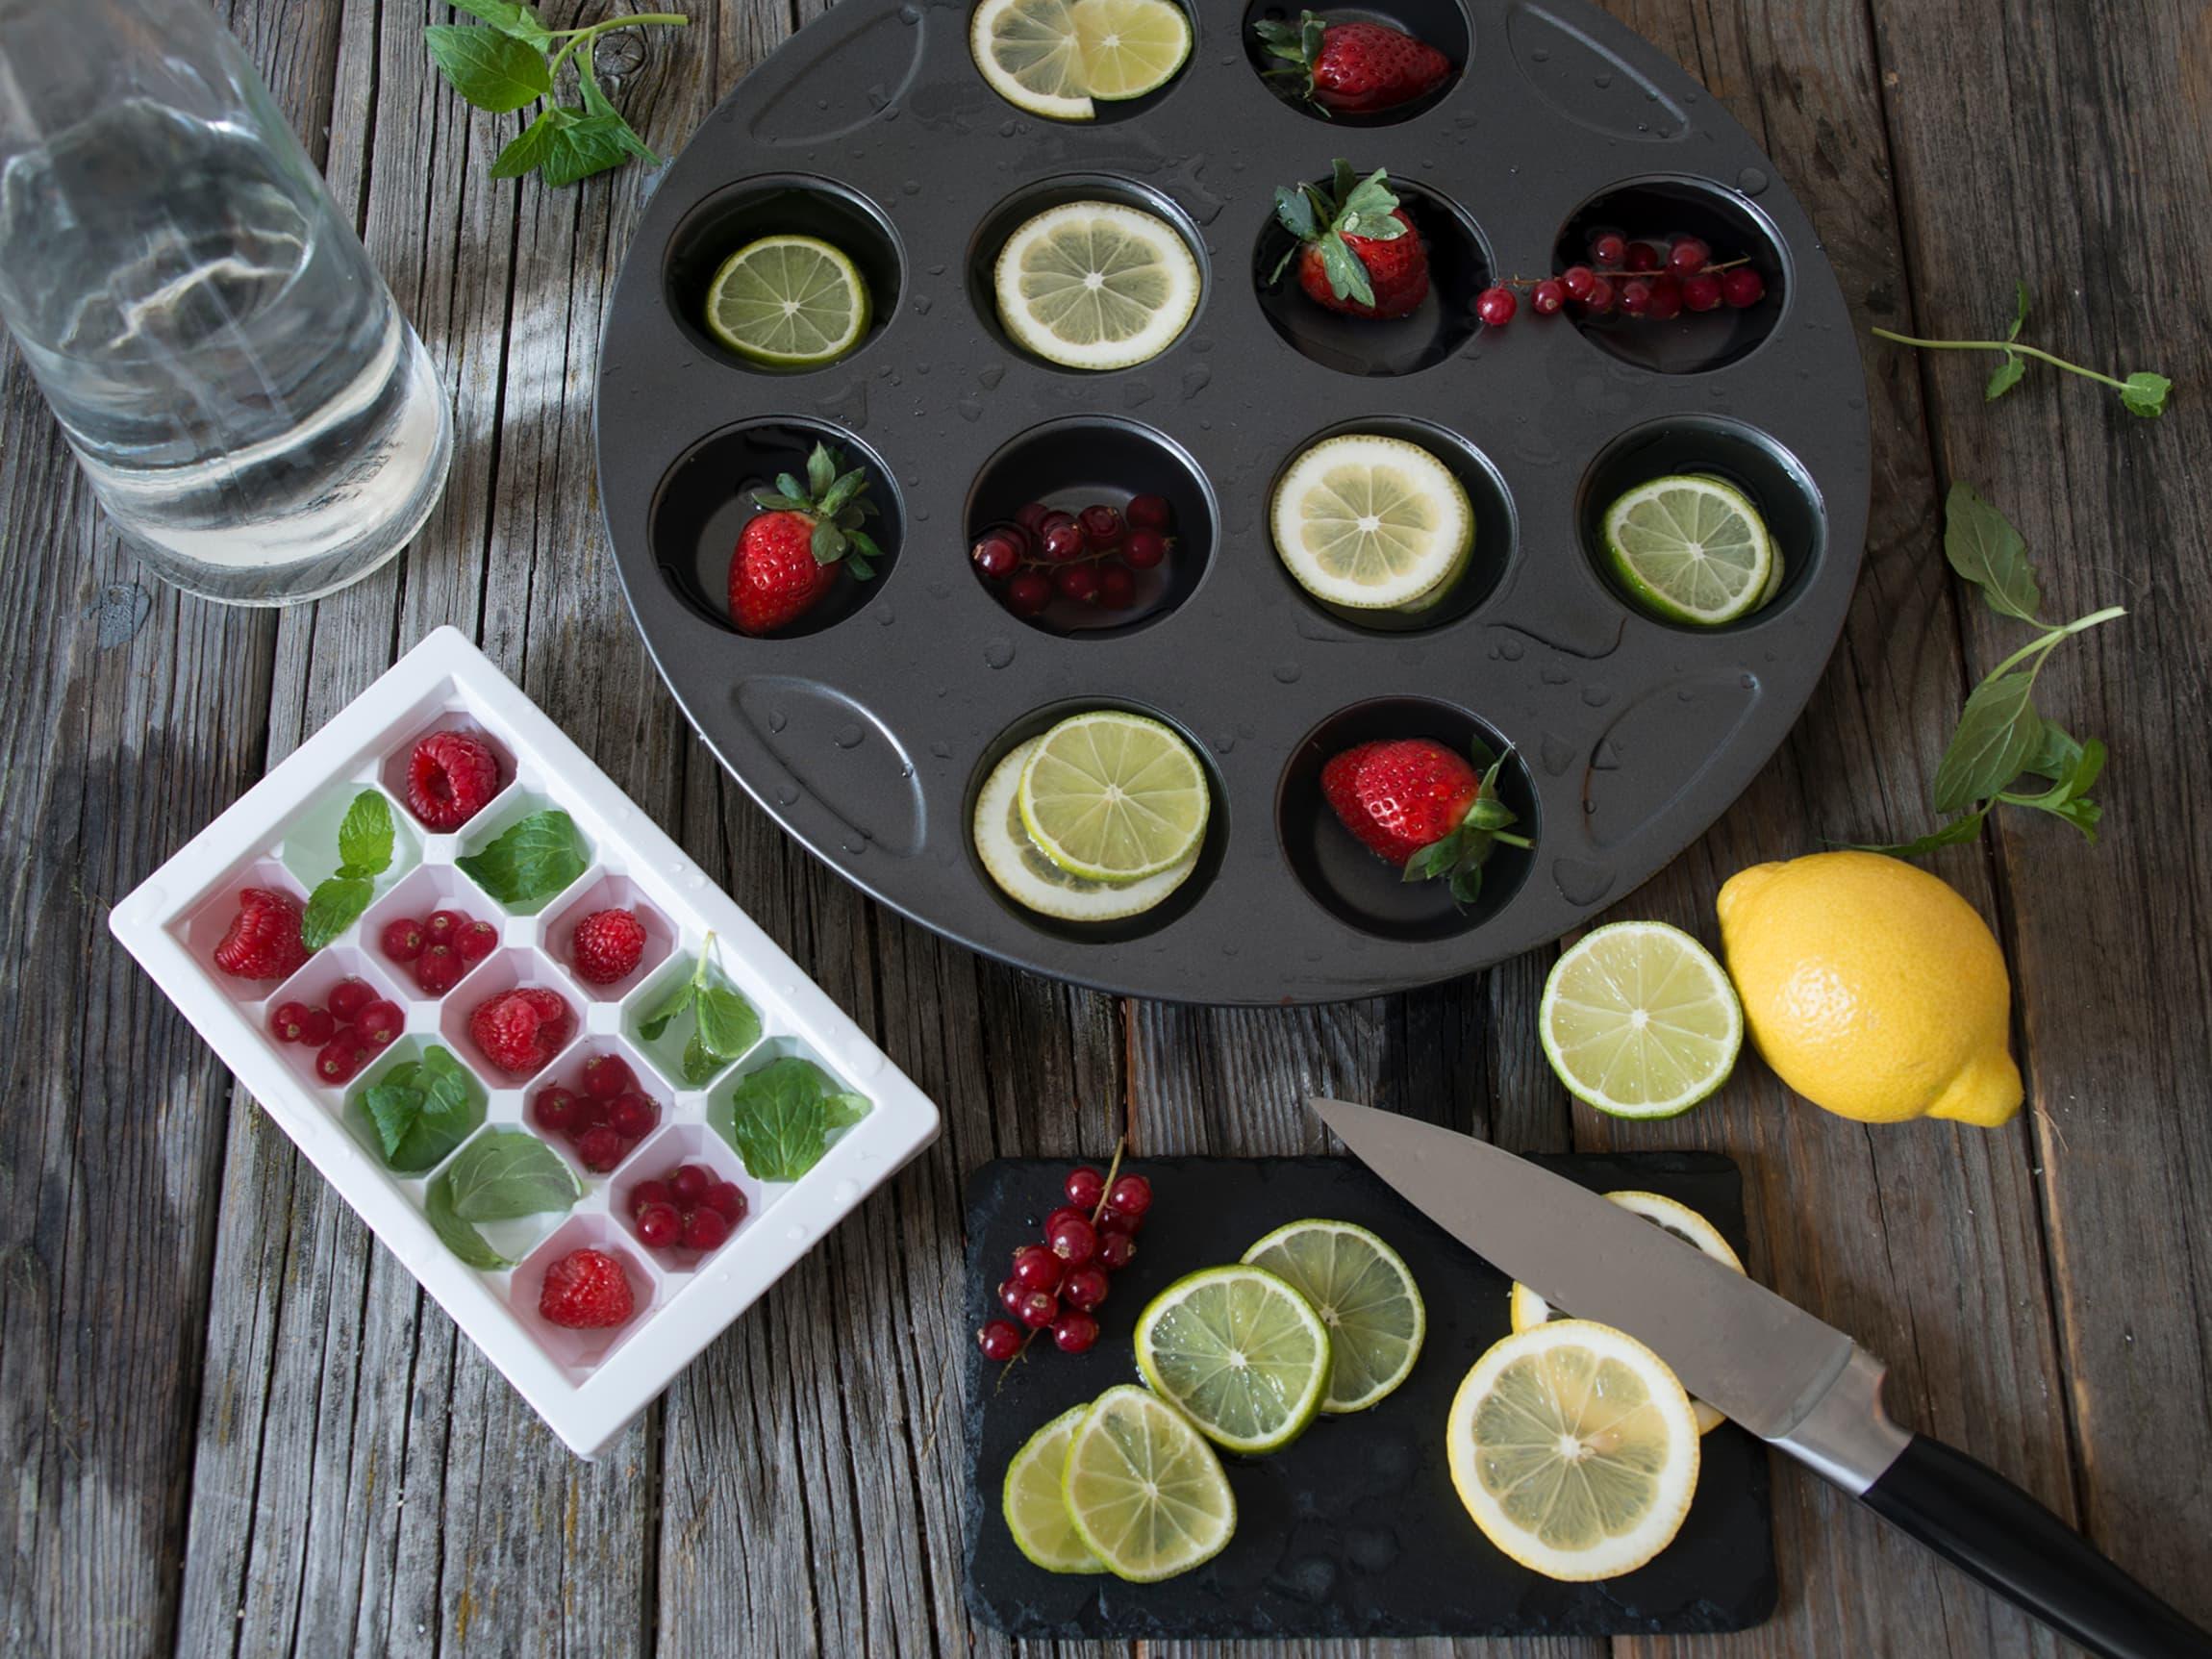 Du kan bruke både vanlige isbitformer og muffinsformer til å lage dekorative isbiter.